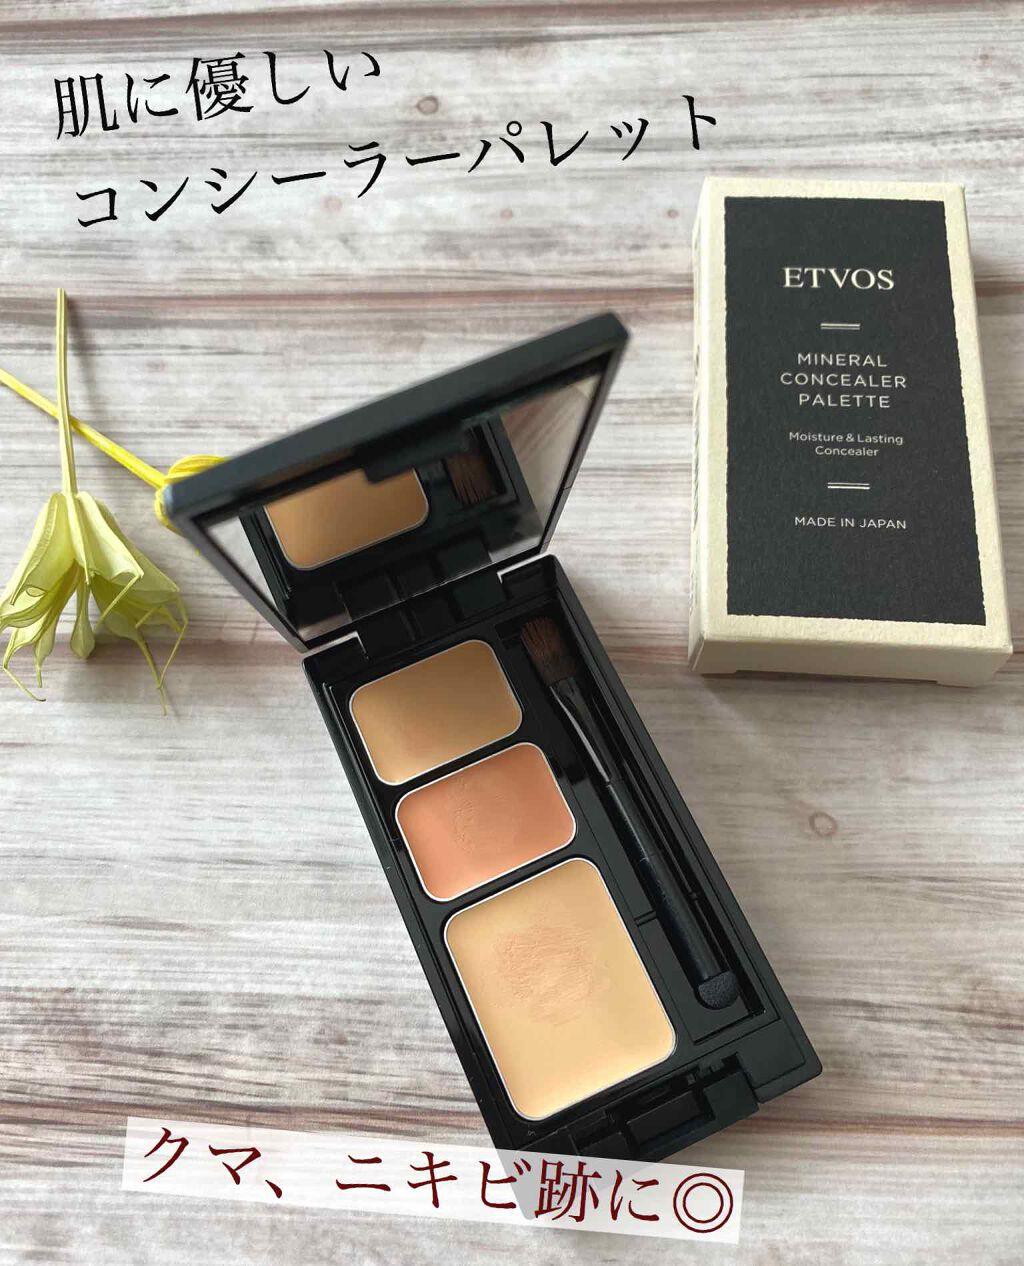 ETVOS 礦物三色遮瑕盤包裝